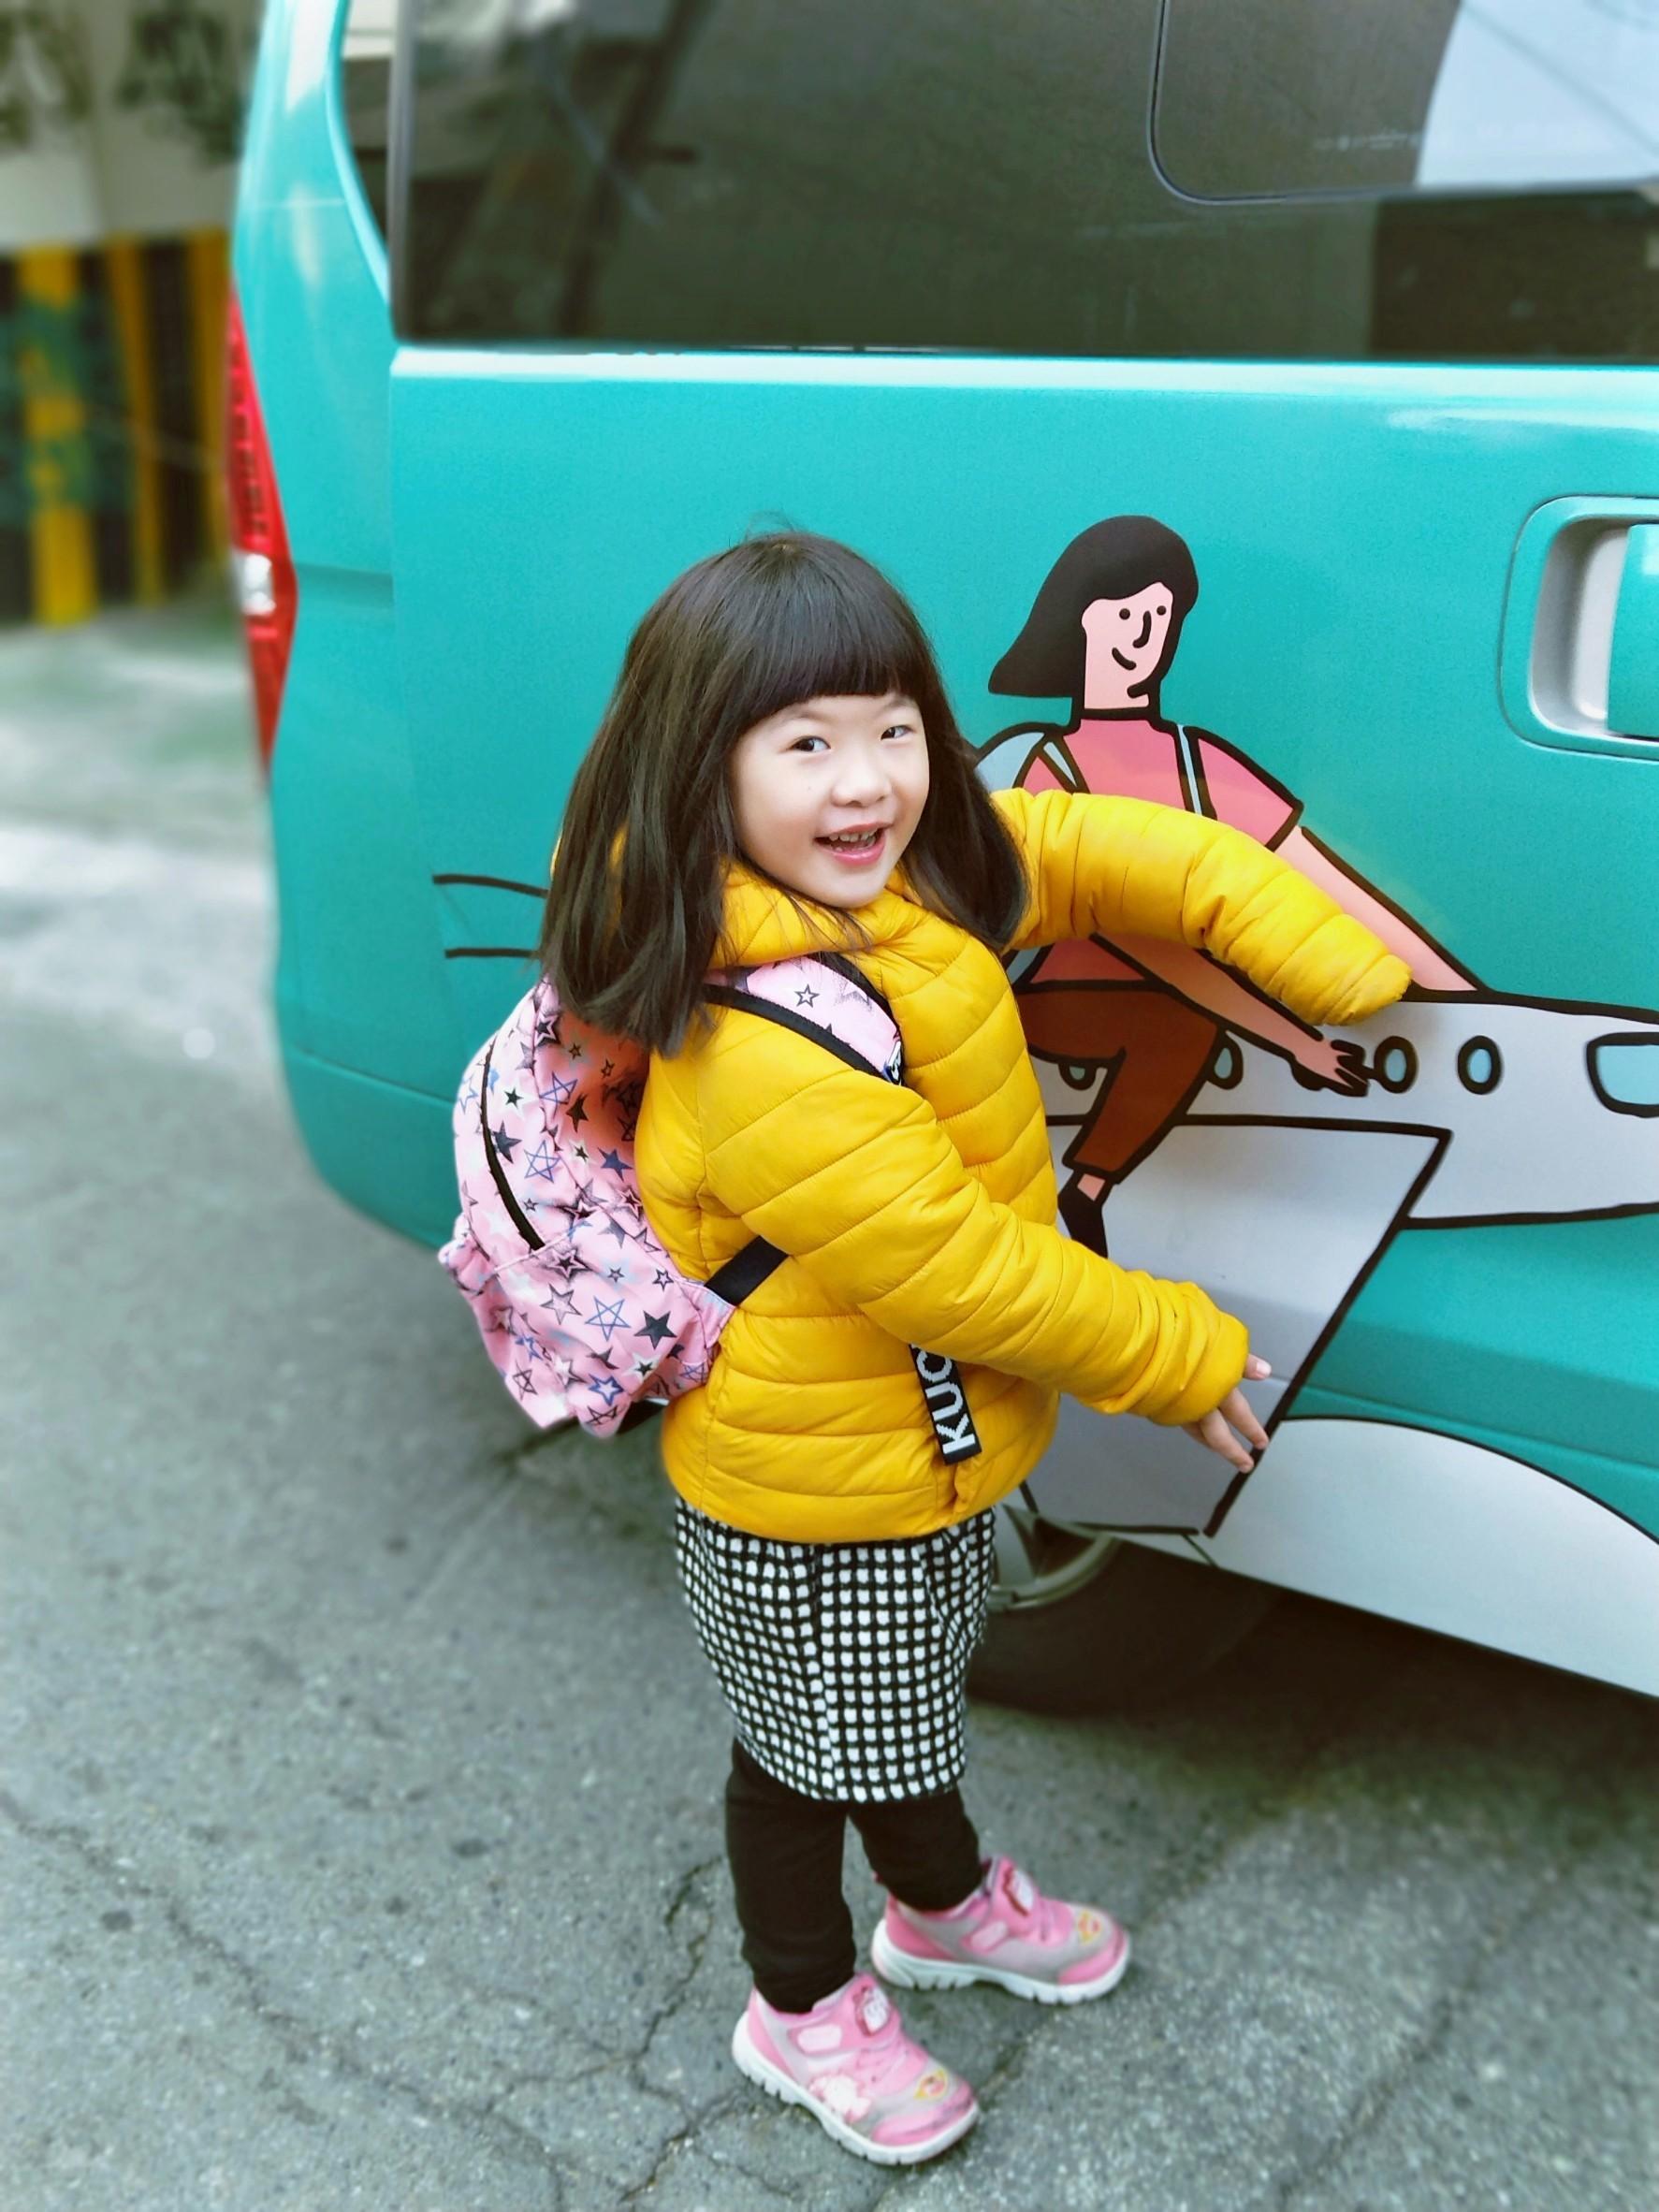 2020韓國首爾釜山自由行-首爾包車一日遊-帶你去逛南怡島.踩自行車,還有美麗燈景,十小時讓你好充實 @民宿女王芽月-美食.旅遊.全台趴趴走